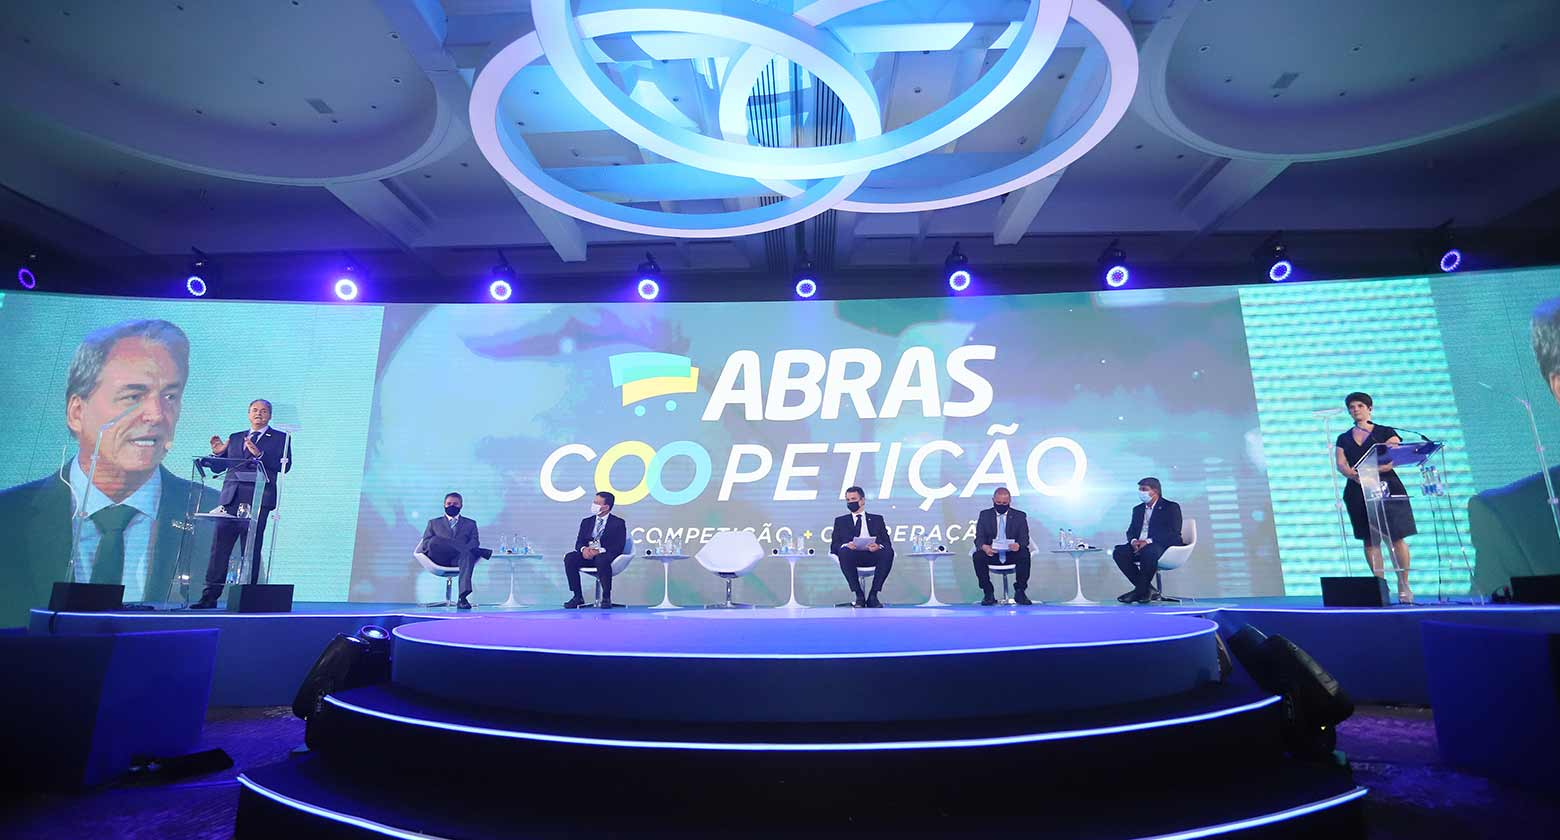 Presidente do Congresso Nacional e ministros marcam presença na abertura da Convenção ABRAS